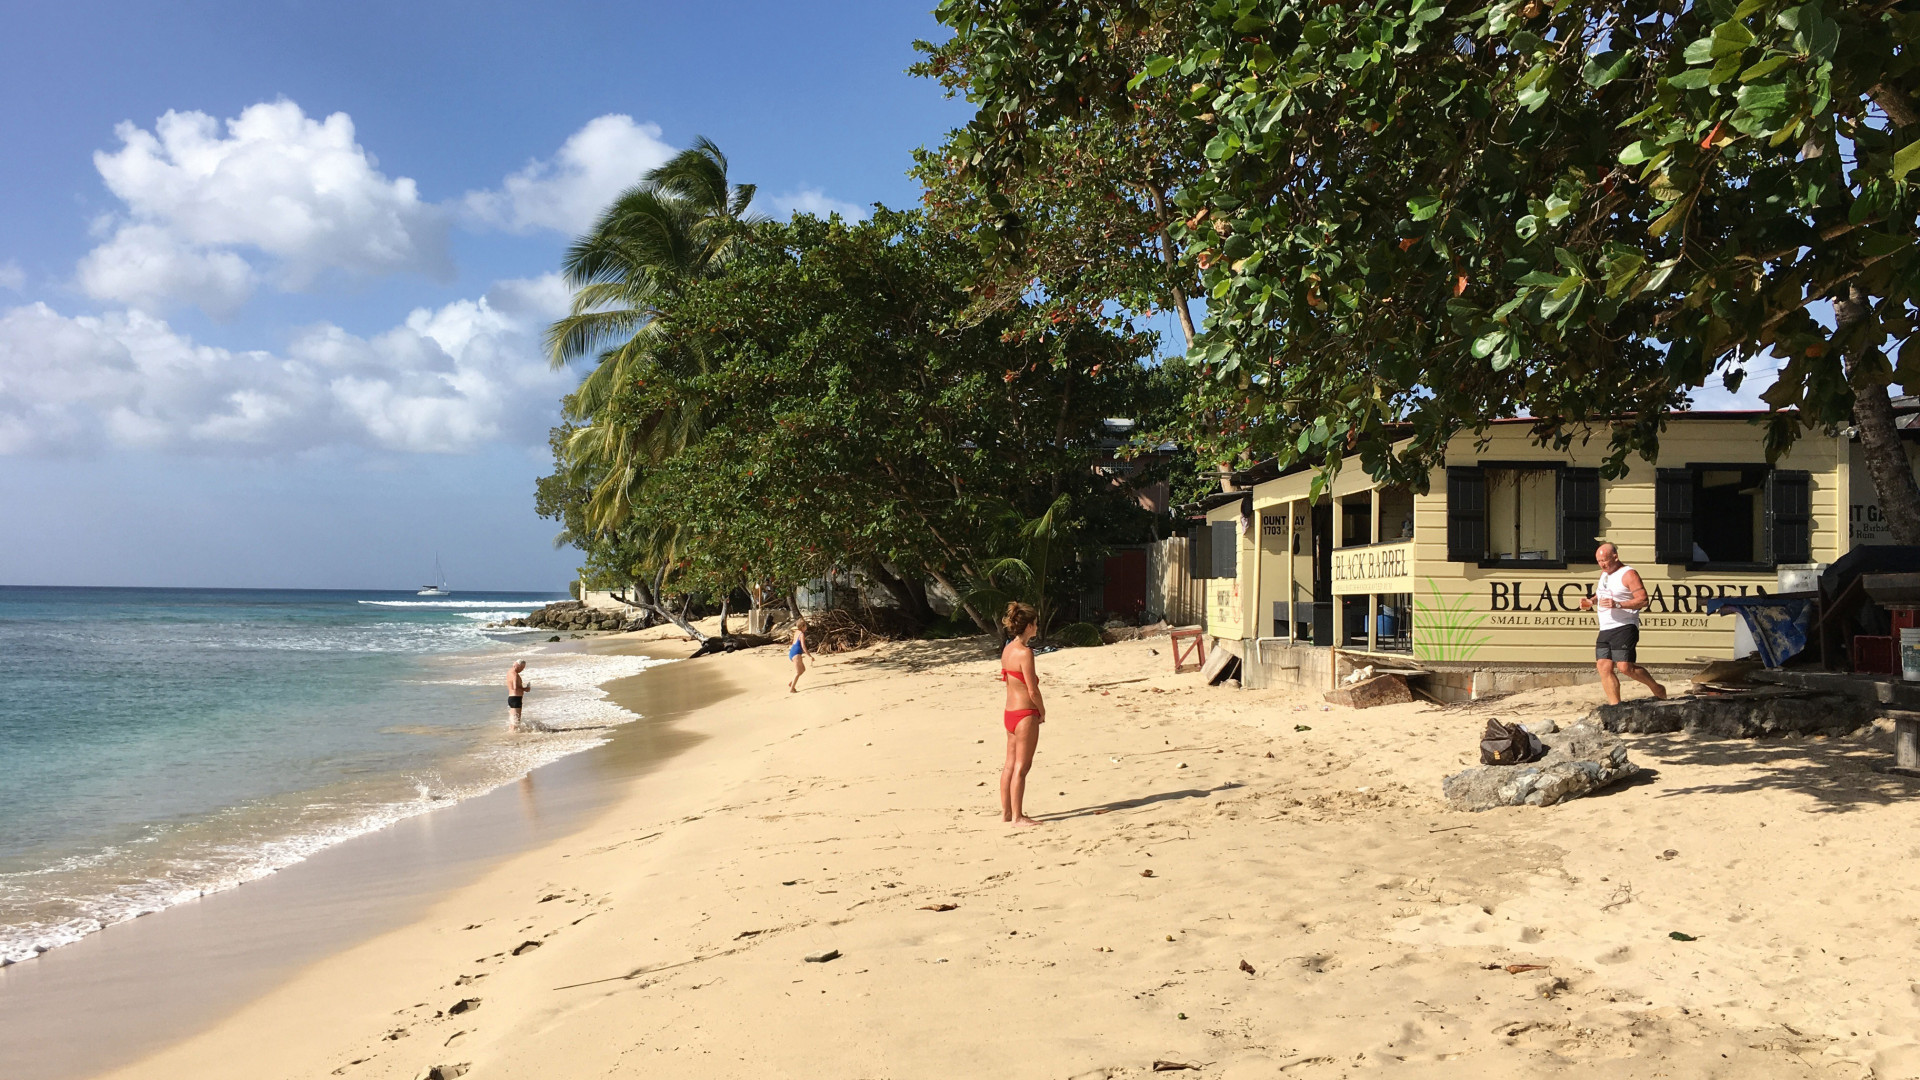 Bajan beach